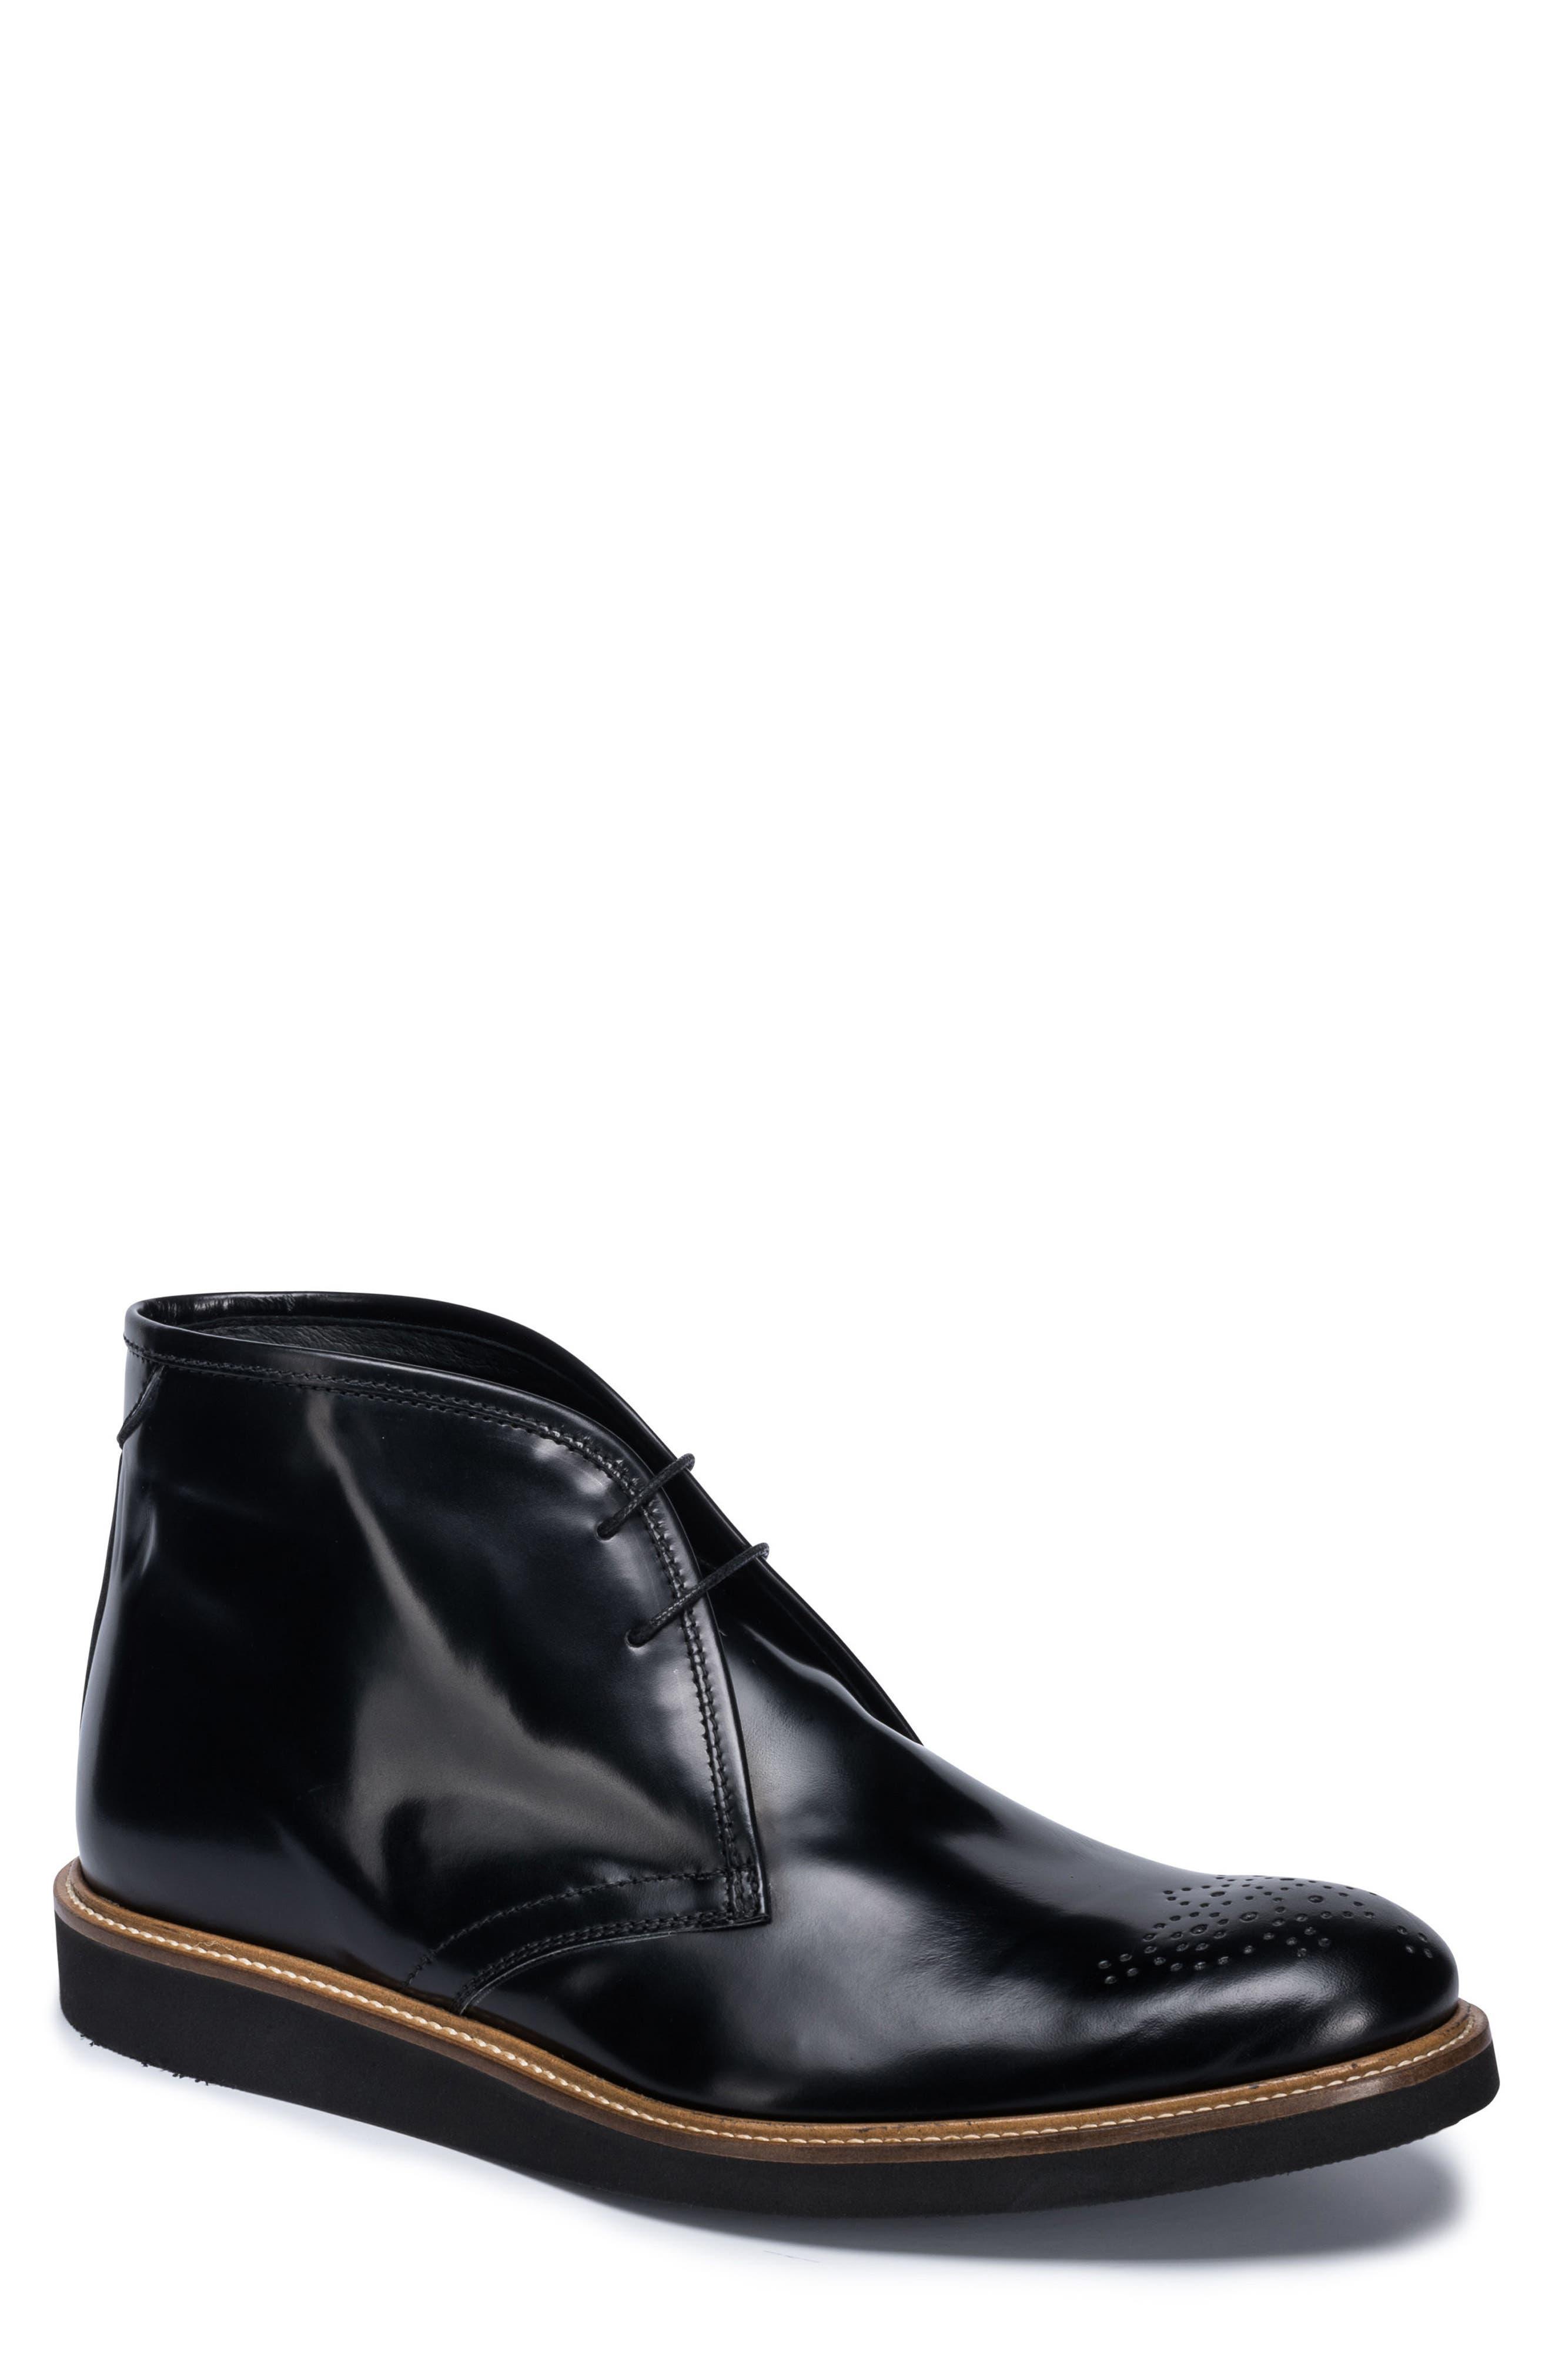 Verona Brogued Chukka Boot,                         Main,                         color,